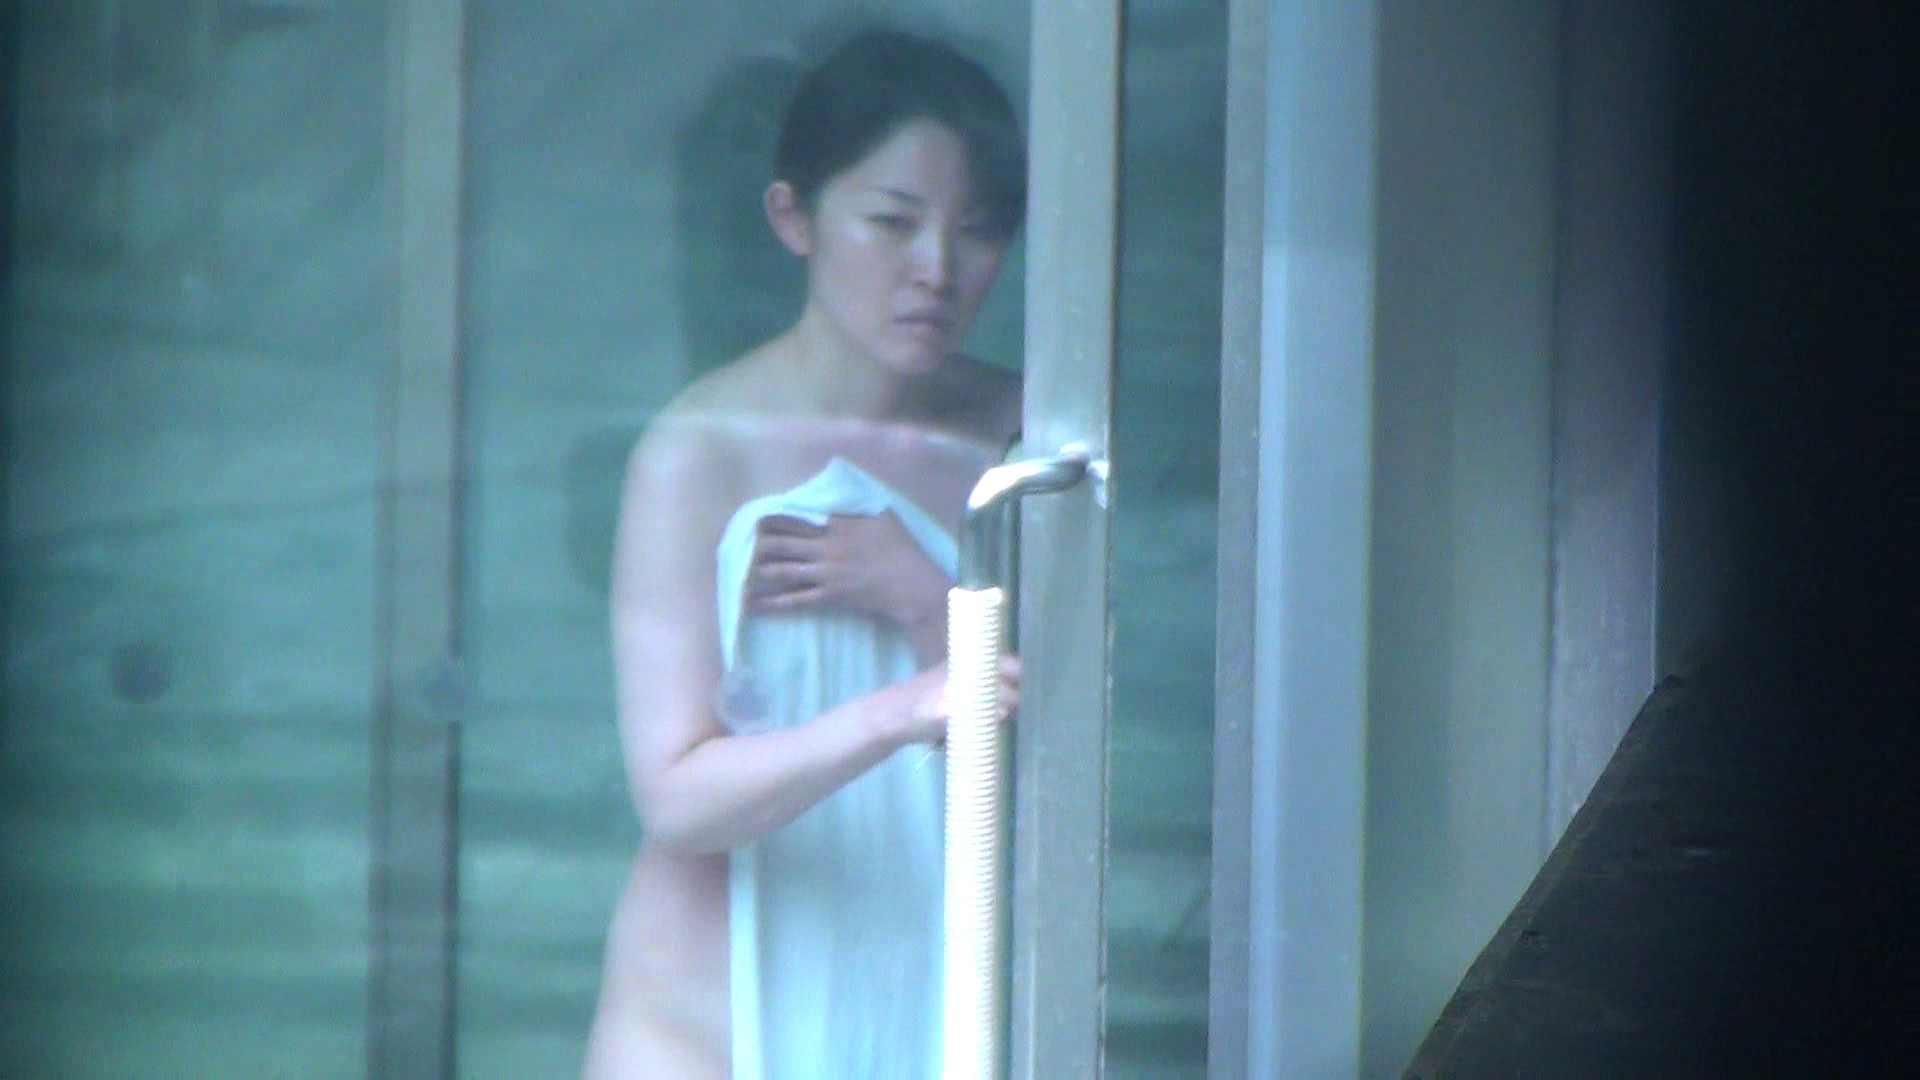 Aquaな露天風呂Vol.301 盗撮 | 露天風呂  112連発 46